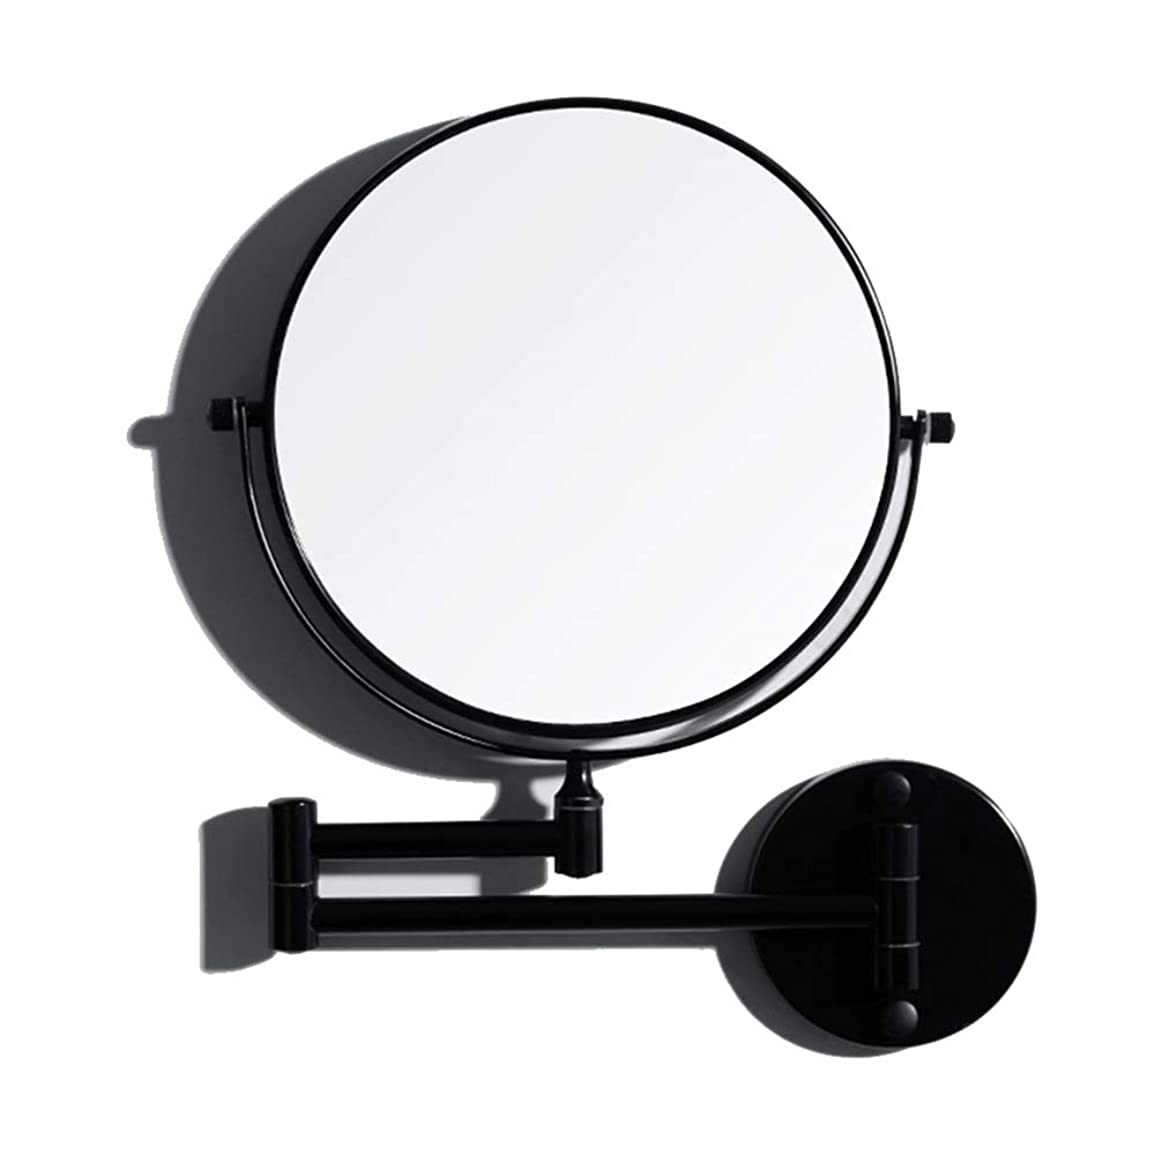 お別れ近似懺悔FENDOUBA 化粧鏡 1.5倍壁掛け折りたたみ美容メイクミラー、8インチ浴室シェービングミラー両面回転拡大鏡、360°回転可能 - ブラック